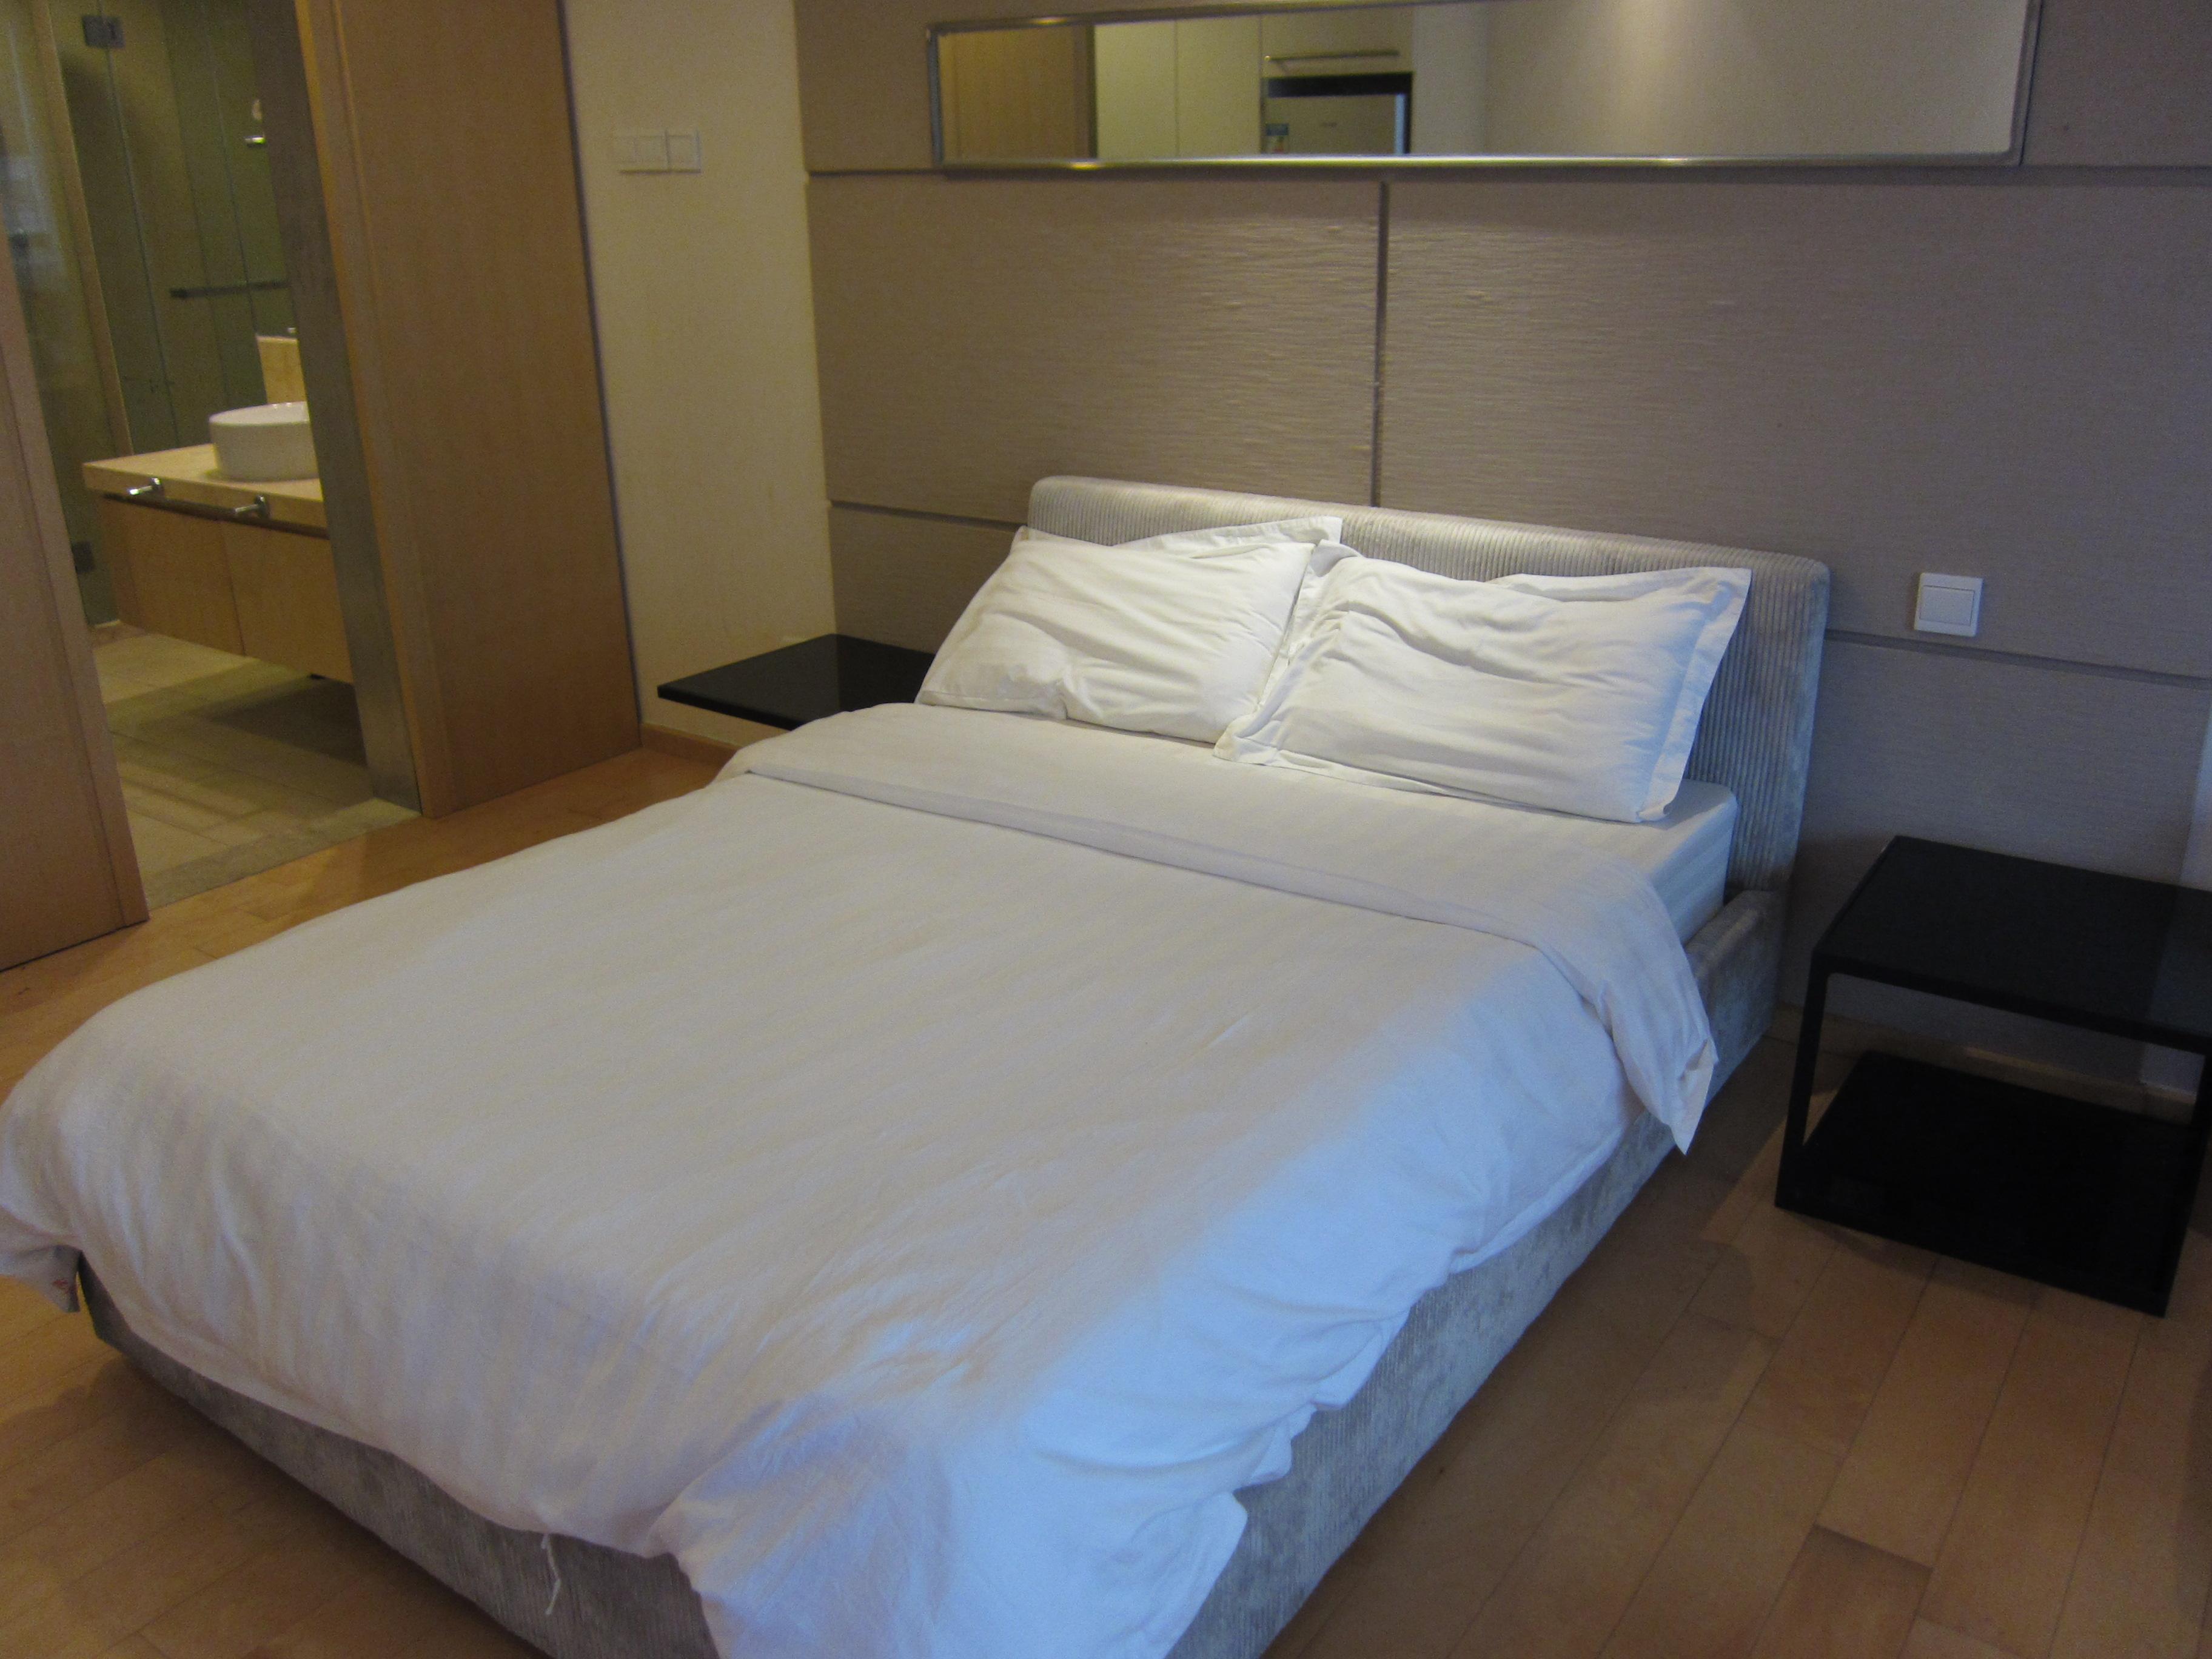 Letto una piazza e mezza rosso design del for Ikea letto mezza piazza